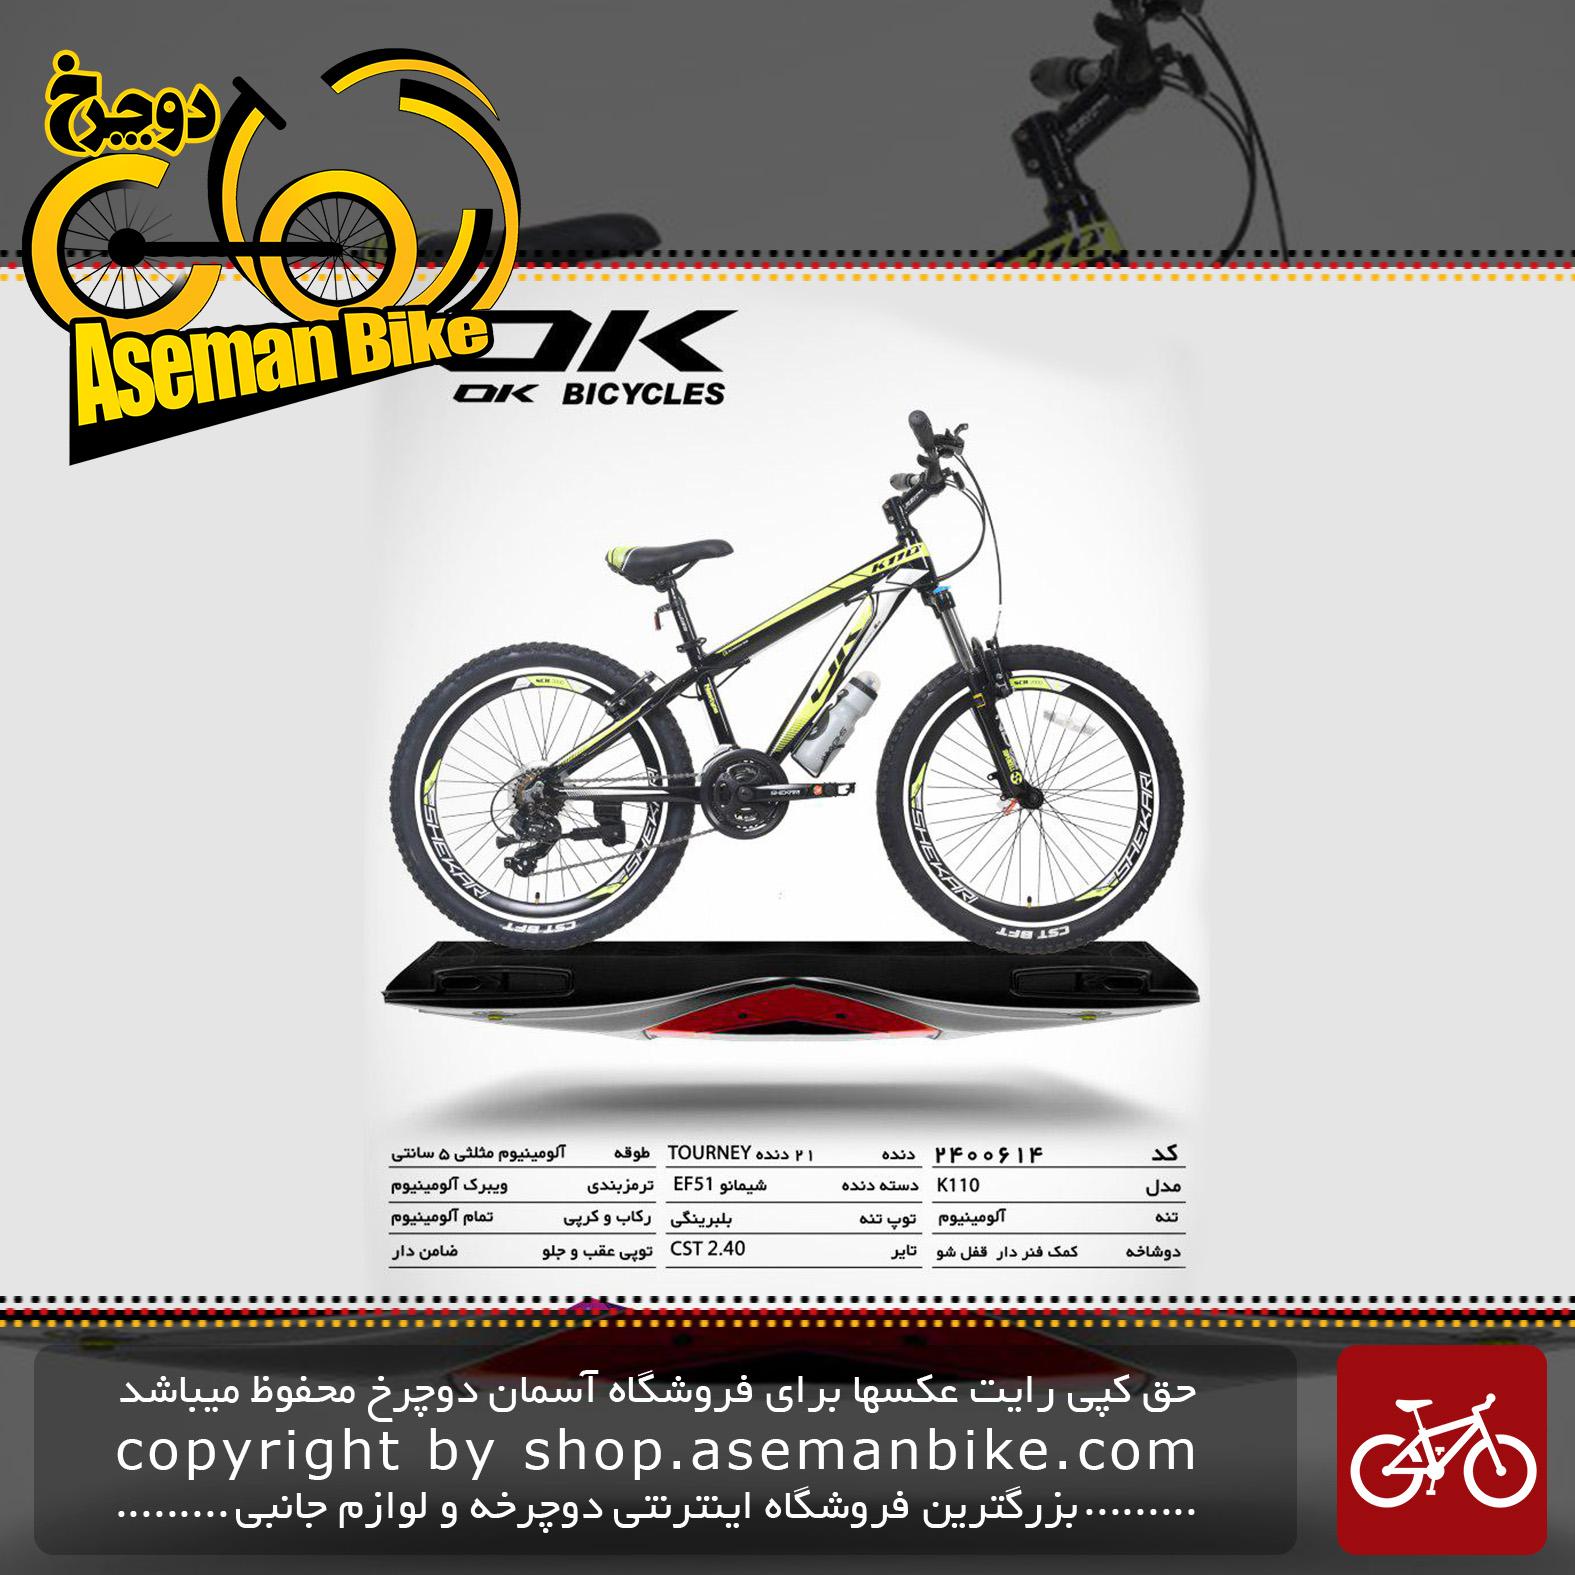 دوچرخه کوهستان شهری اوکی 21 دنده مدل کا 110 21 دنده سایز 24 ساخت تایوان OK Mountain City Bicycle Taiwan K110 Size 24 2019